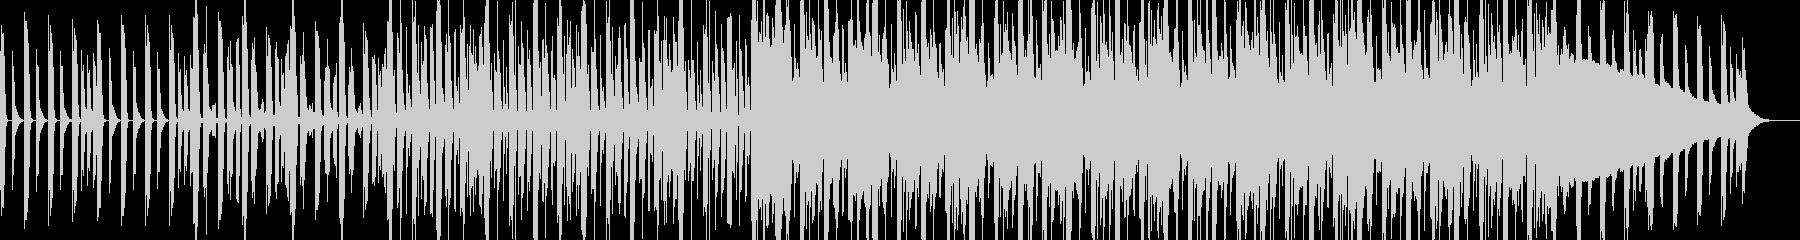 ノリの良いリズムミュージックなBGMの未再生の波形